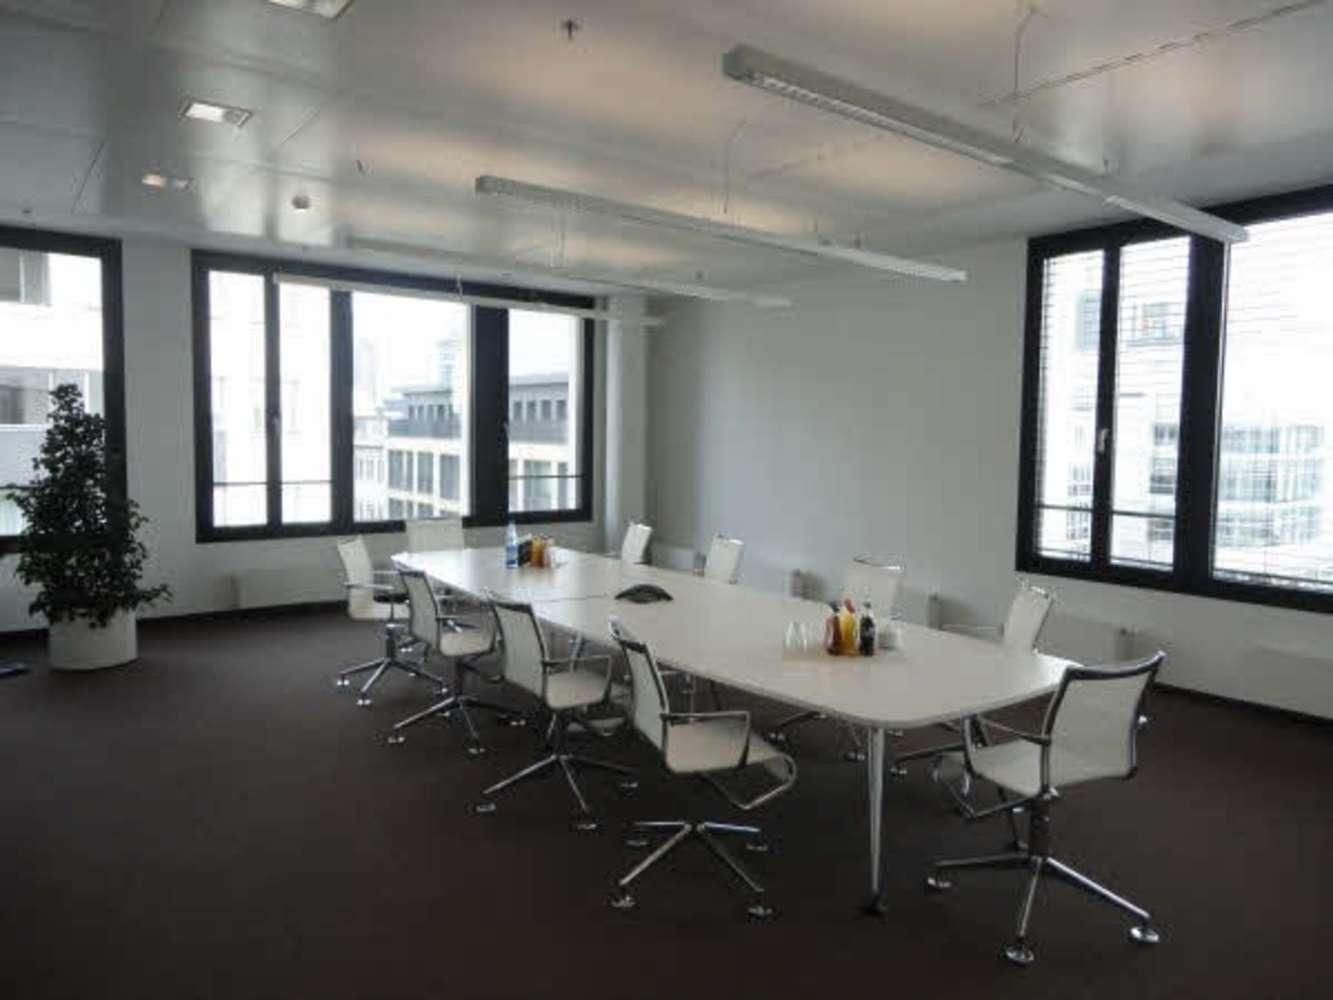 Büros Frankfurt am main, 60313 - Büro - Frankfurt am Main, Innenstadt - F0692 - 10130167